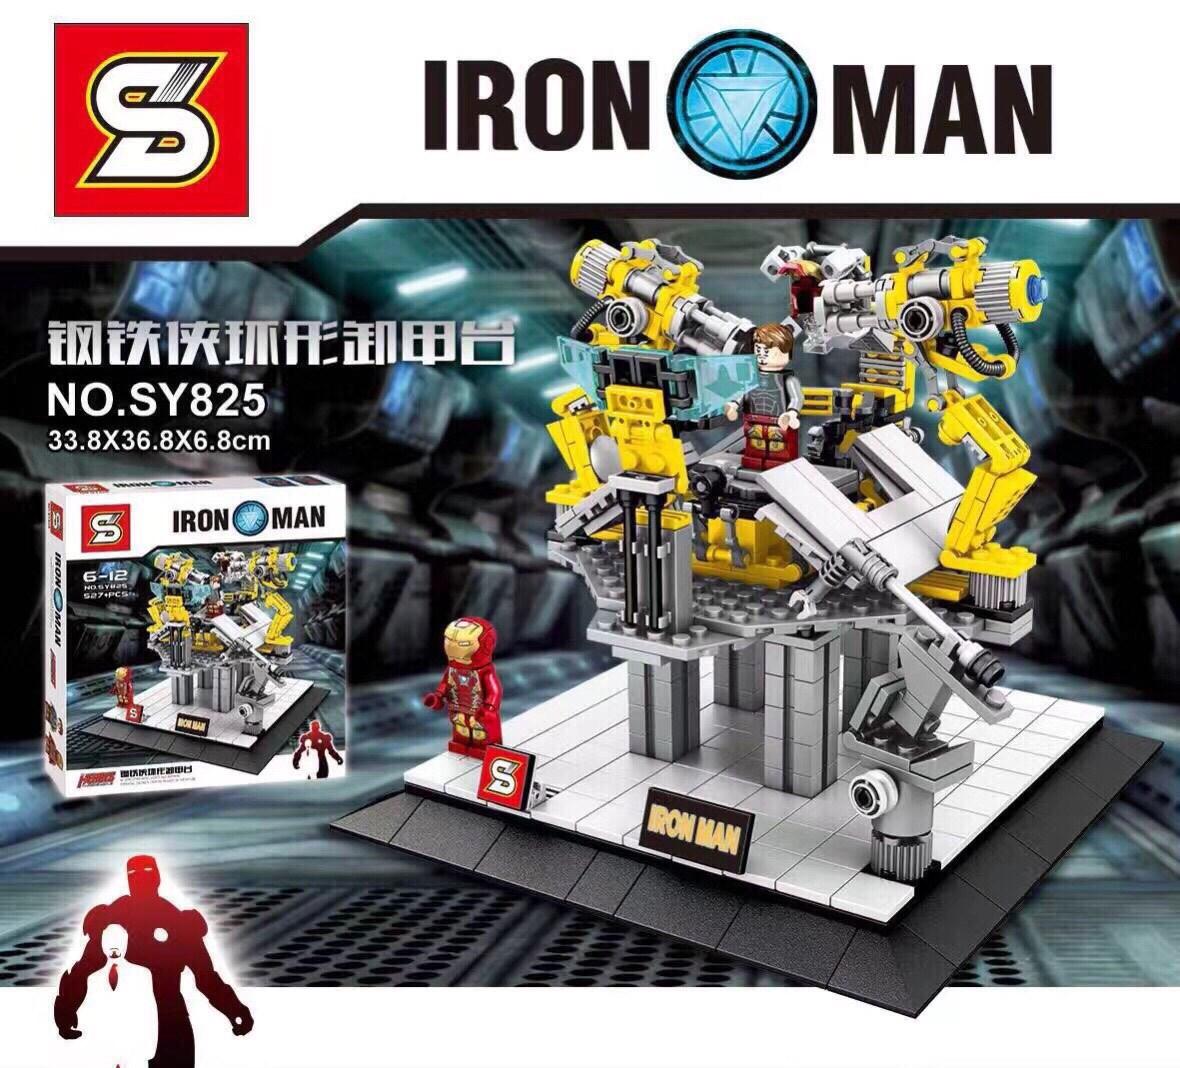 เลโก้จีน SY 825 ชุด IRONMAN Suit Up Stage